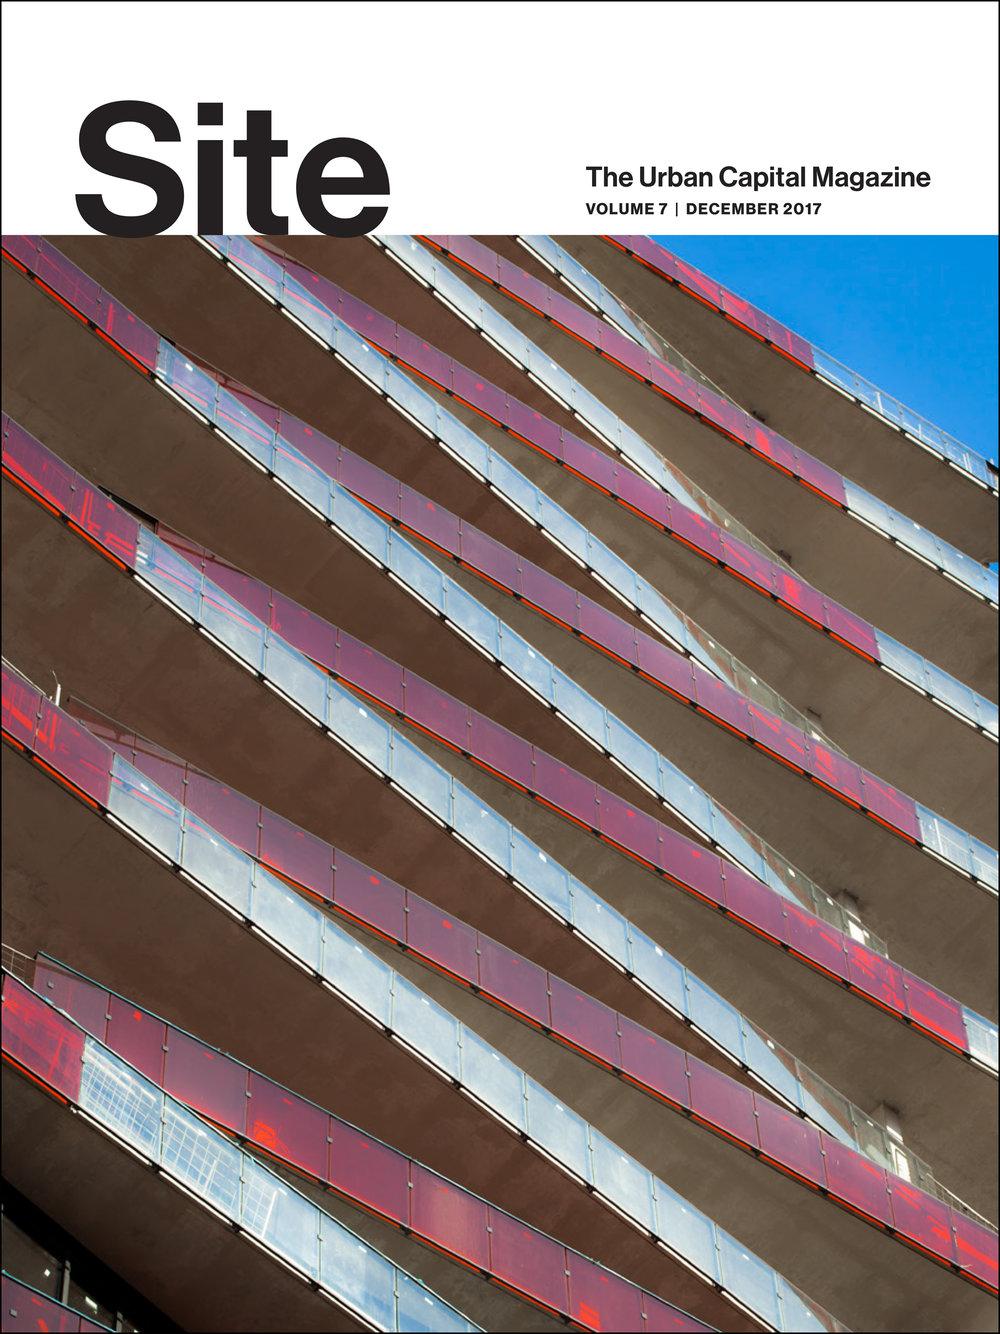 SiteMagazine2017_Cover.jpg